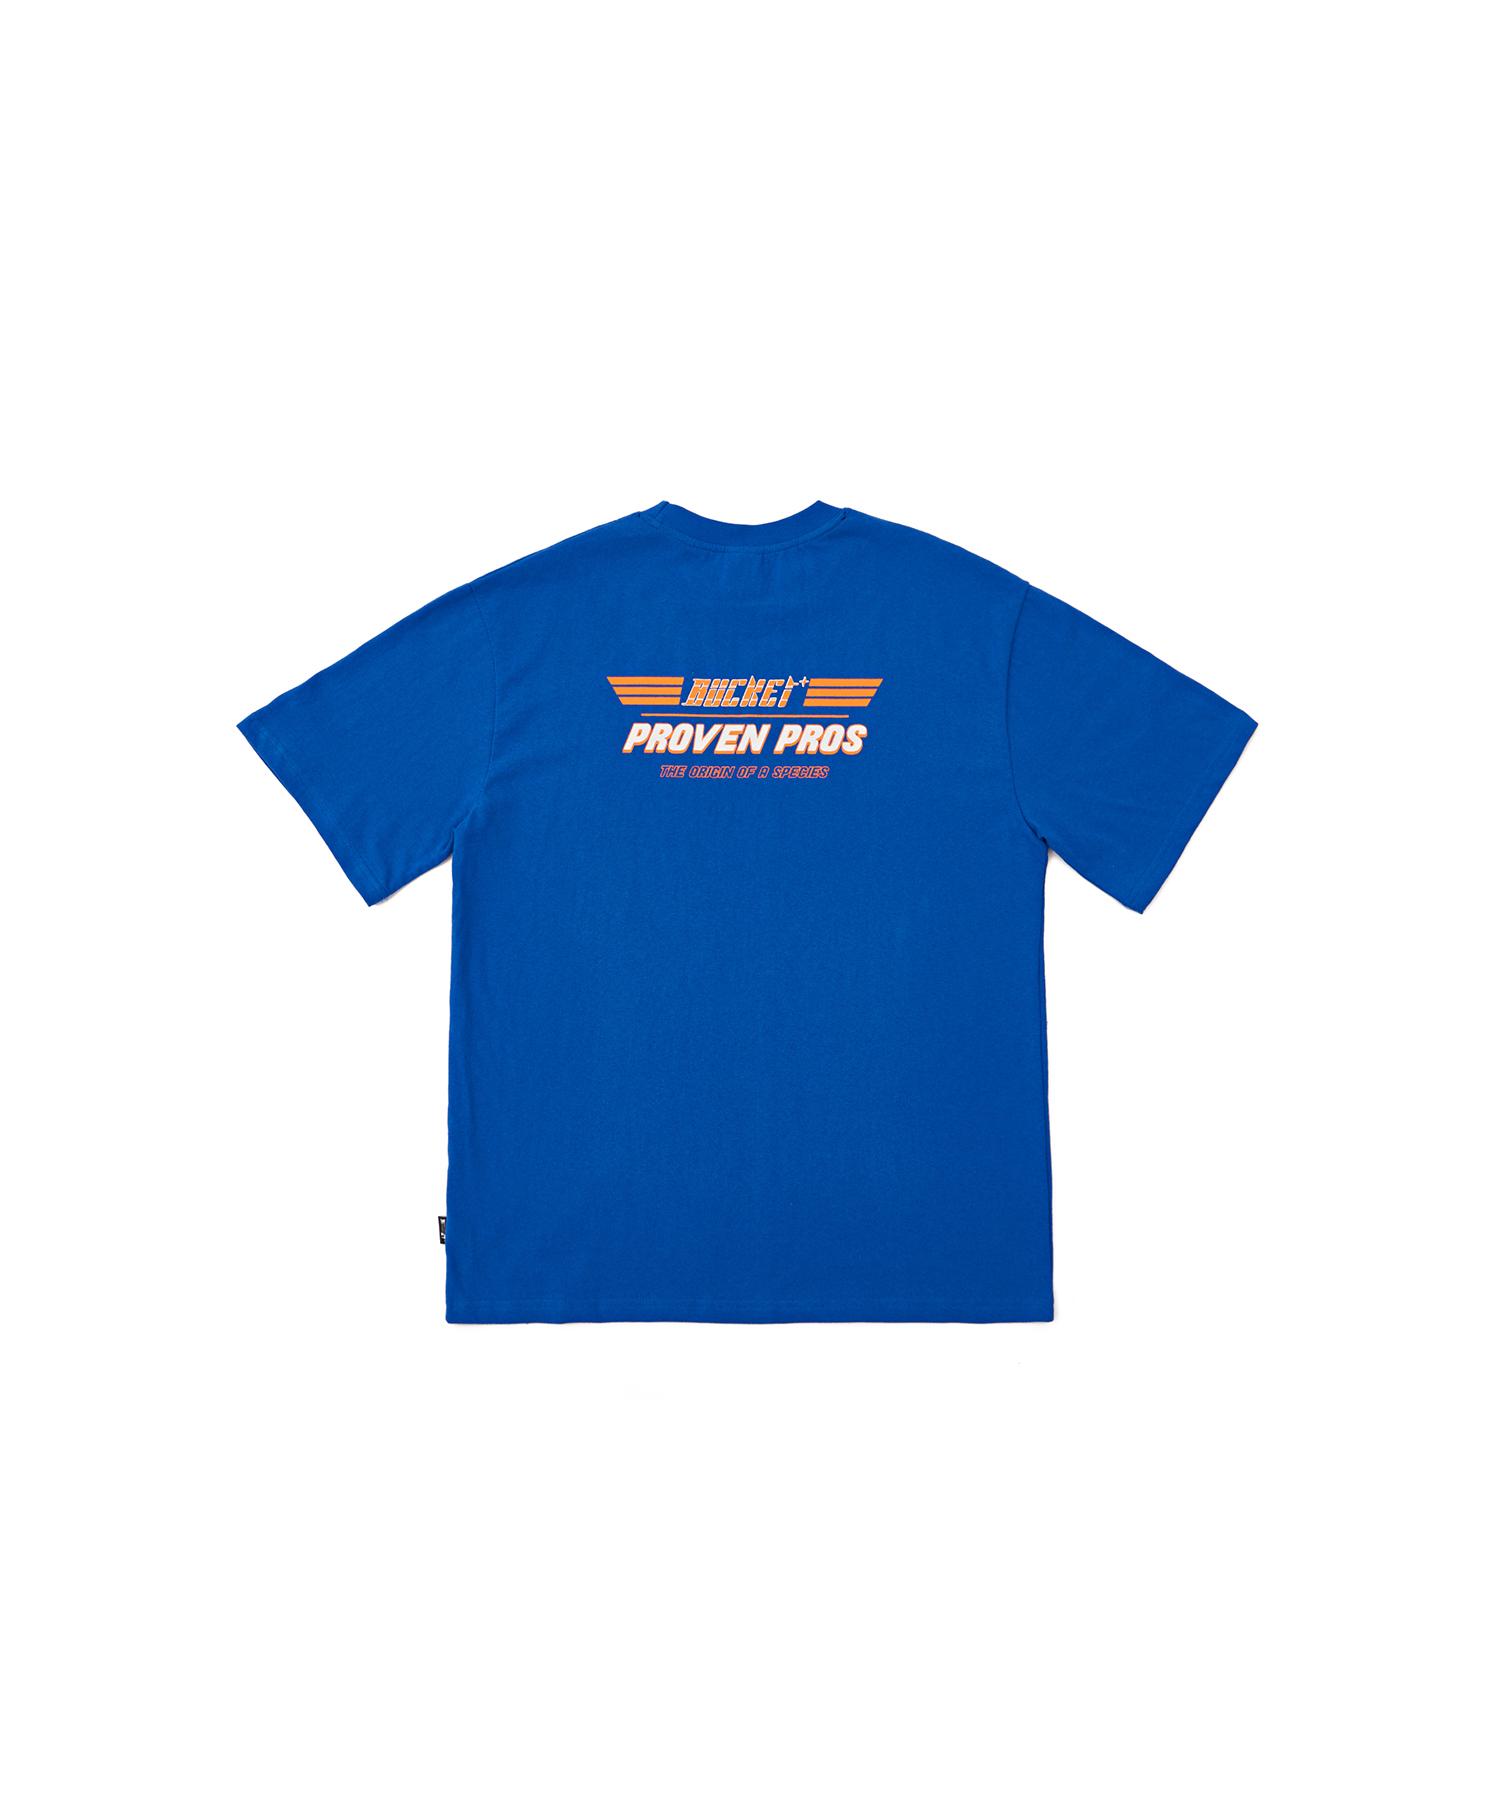 버켓 베이직 서브로고 반팔 티셔츠